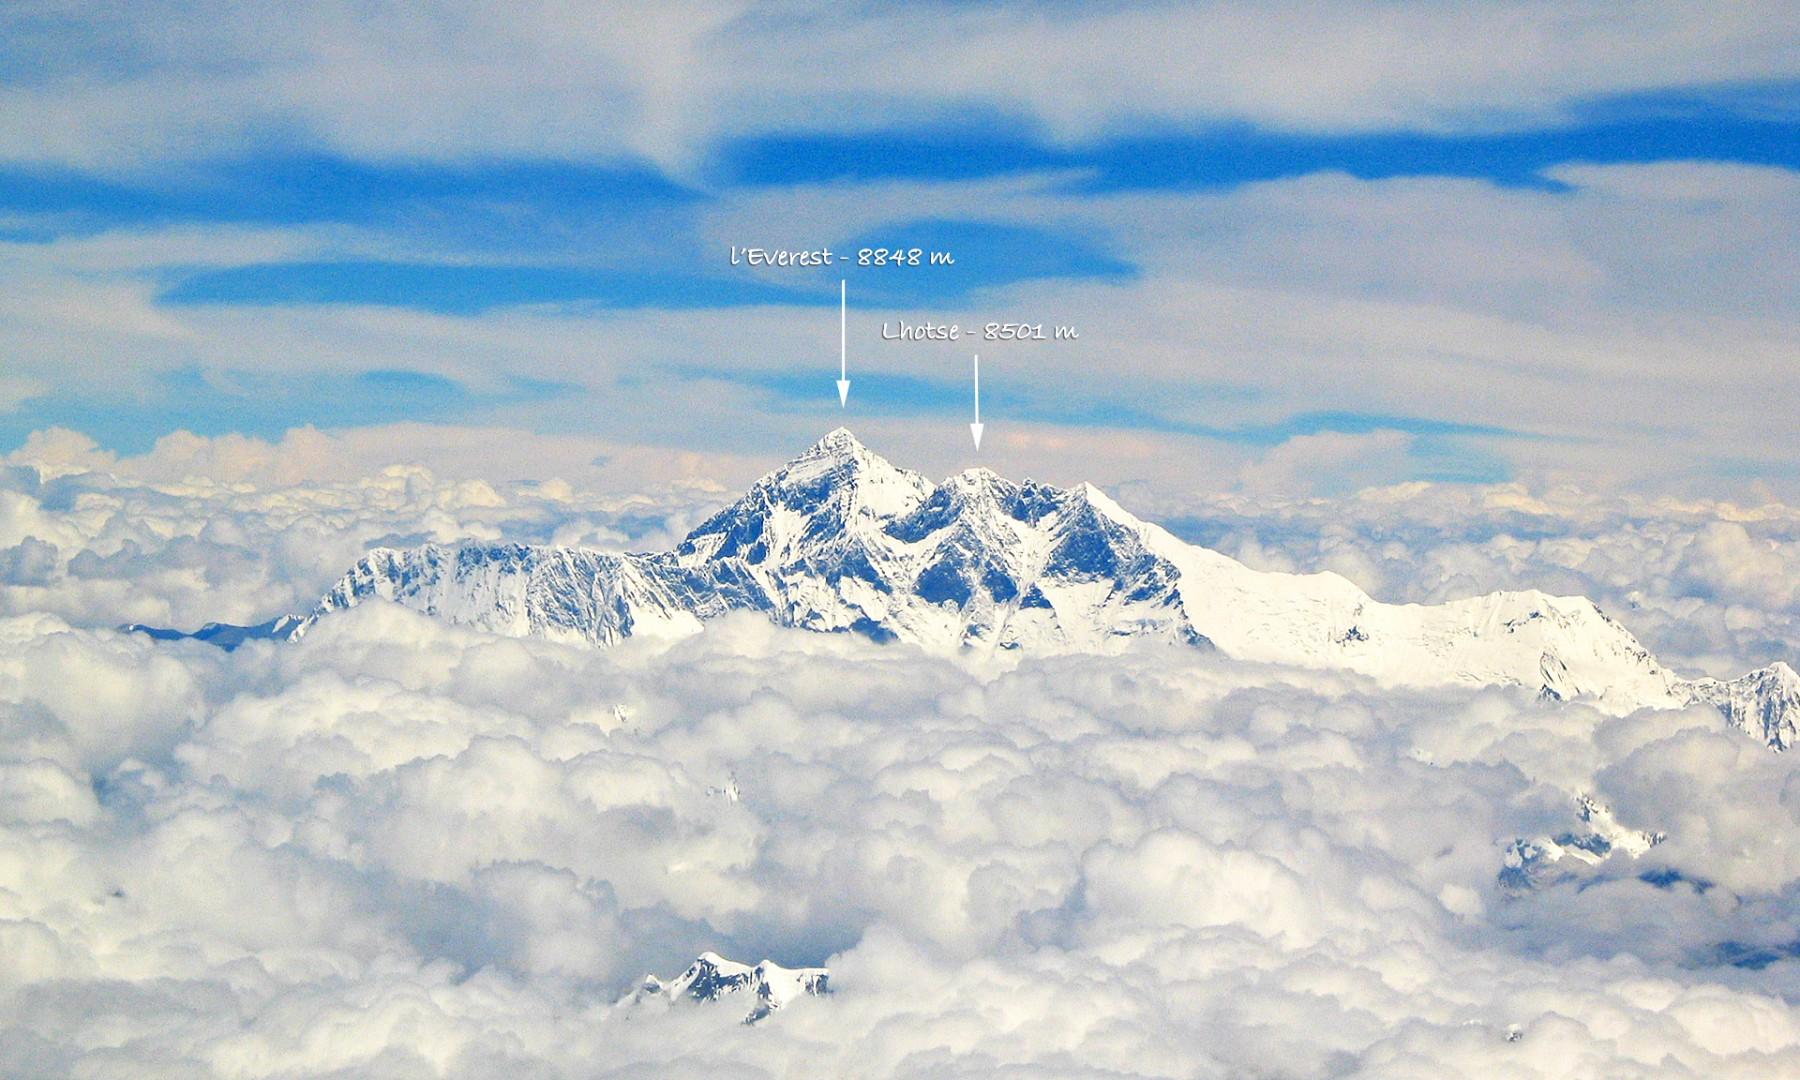 Nepal_everest_lohtse